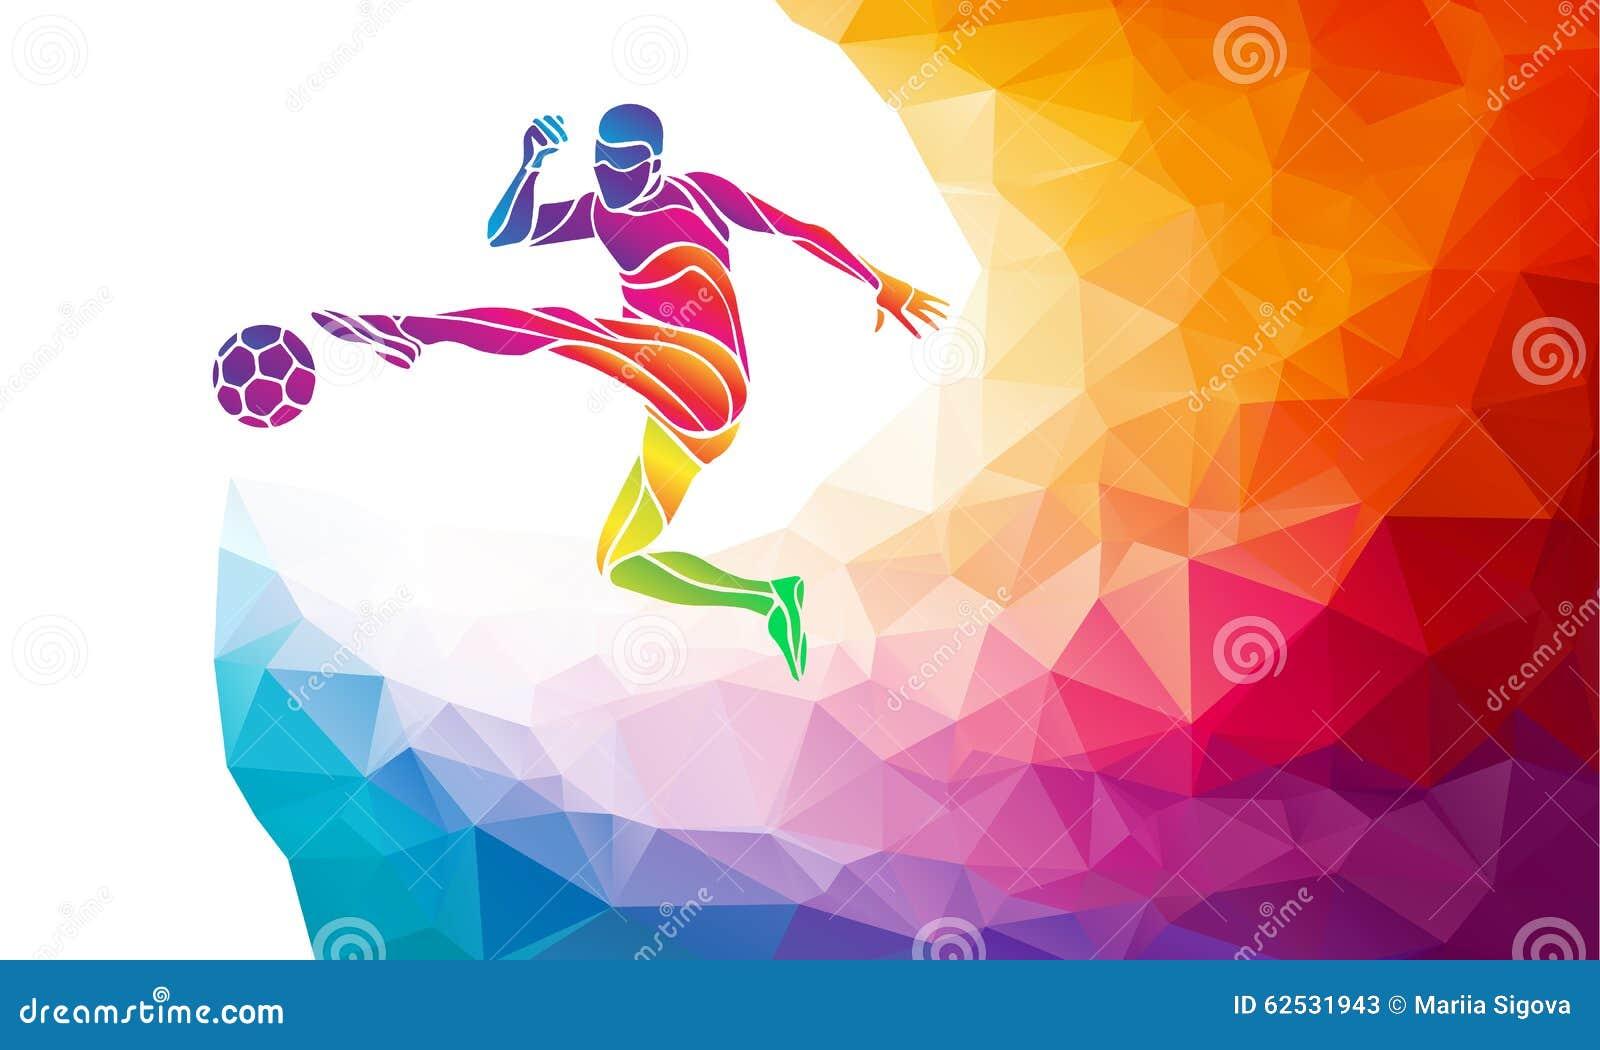 Silueta creativa del jugador de fútbol El futbolista golpea la bola con el pie en estilo colorido abstracto de moda del polígono